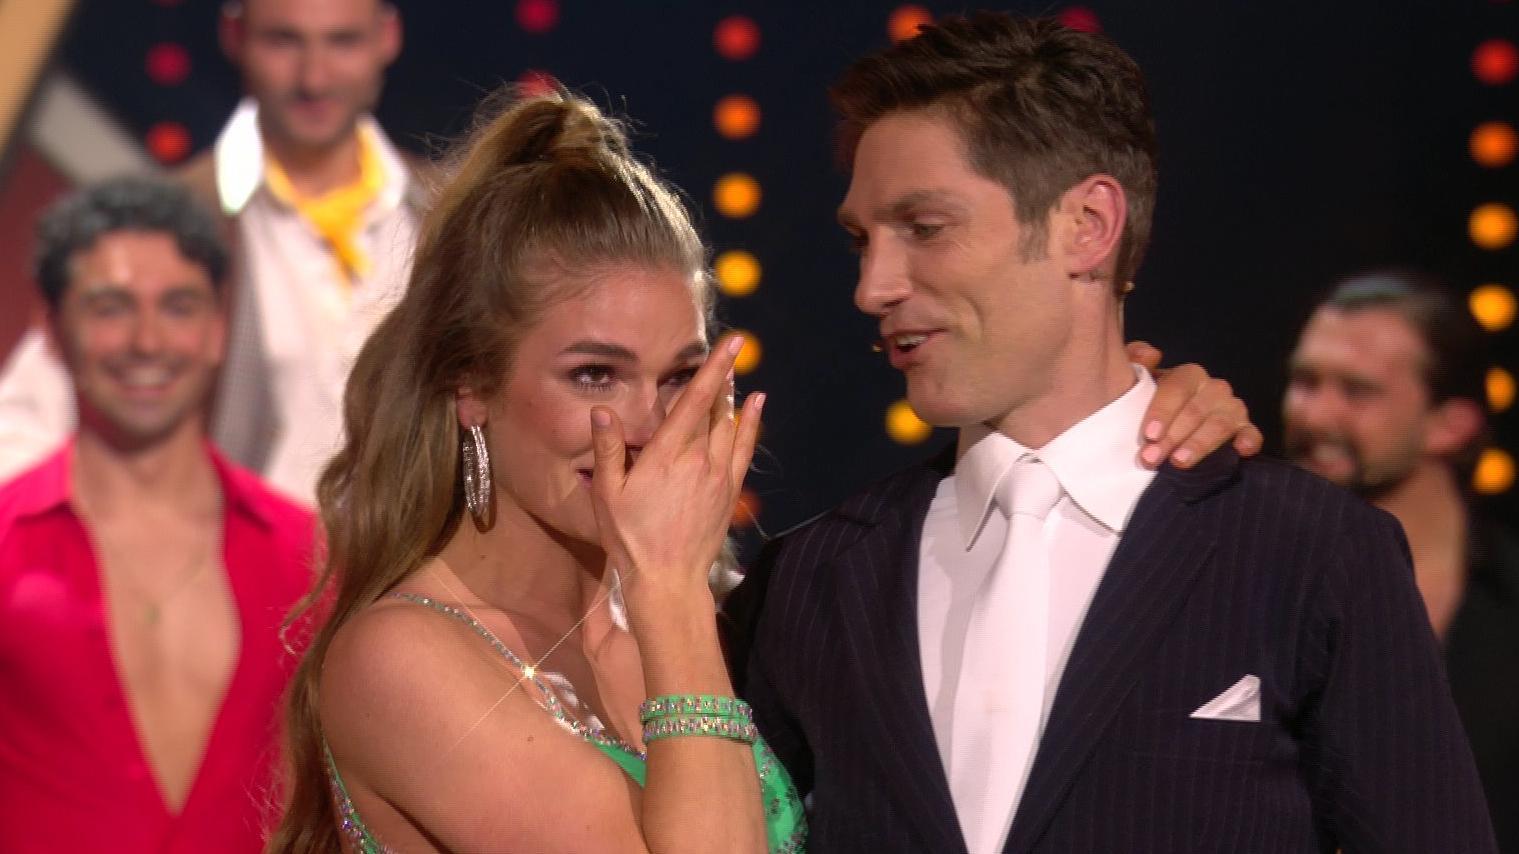 Let's Dance 2021: Christian Polanc wählt Lola Weippert und löst Tränen-Alarm aus - RTL Online